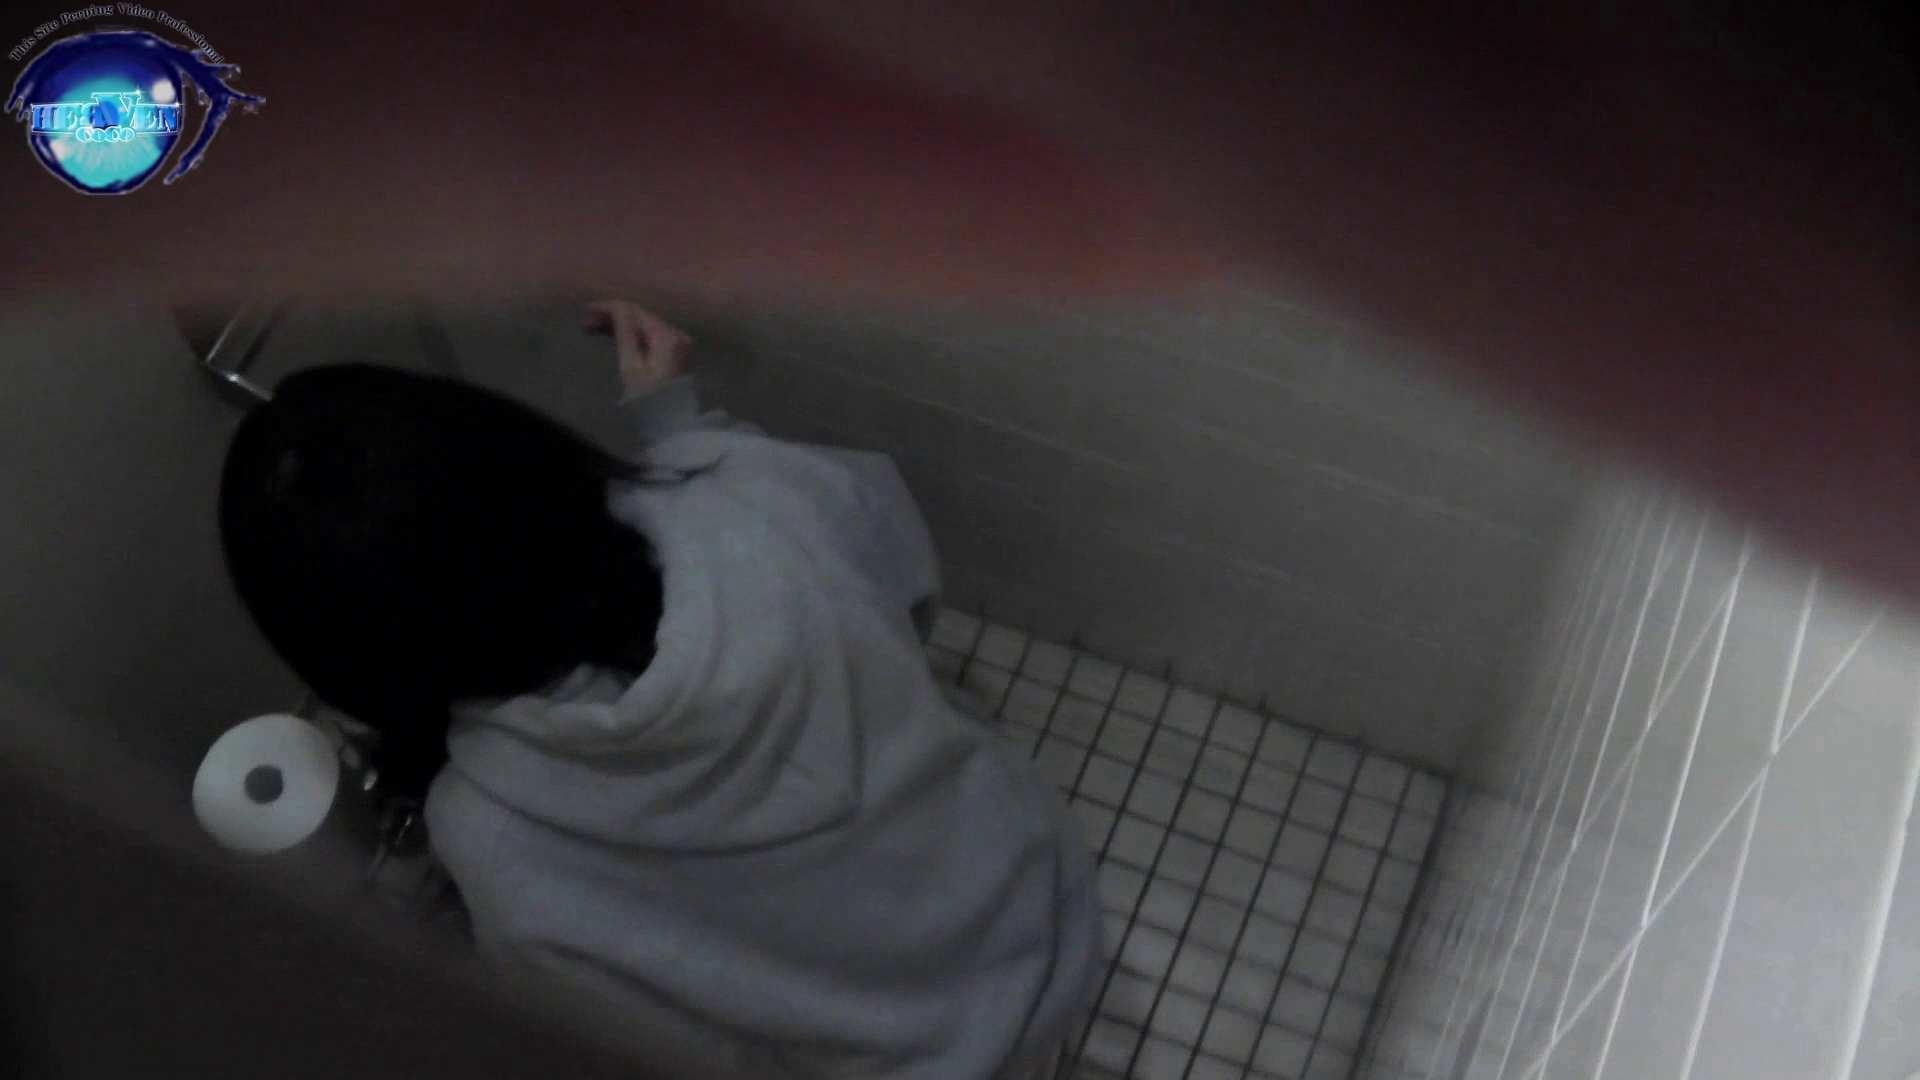 お銀さん vol.59 ピンチ!!「鏡の前で祈る女性」にばれる危機 後編 0  77連発 20